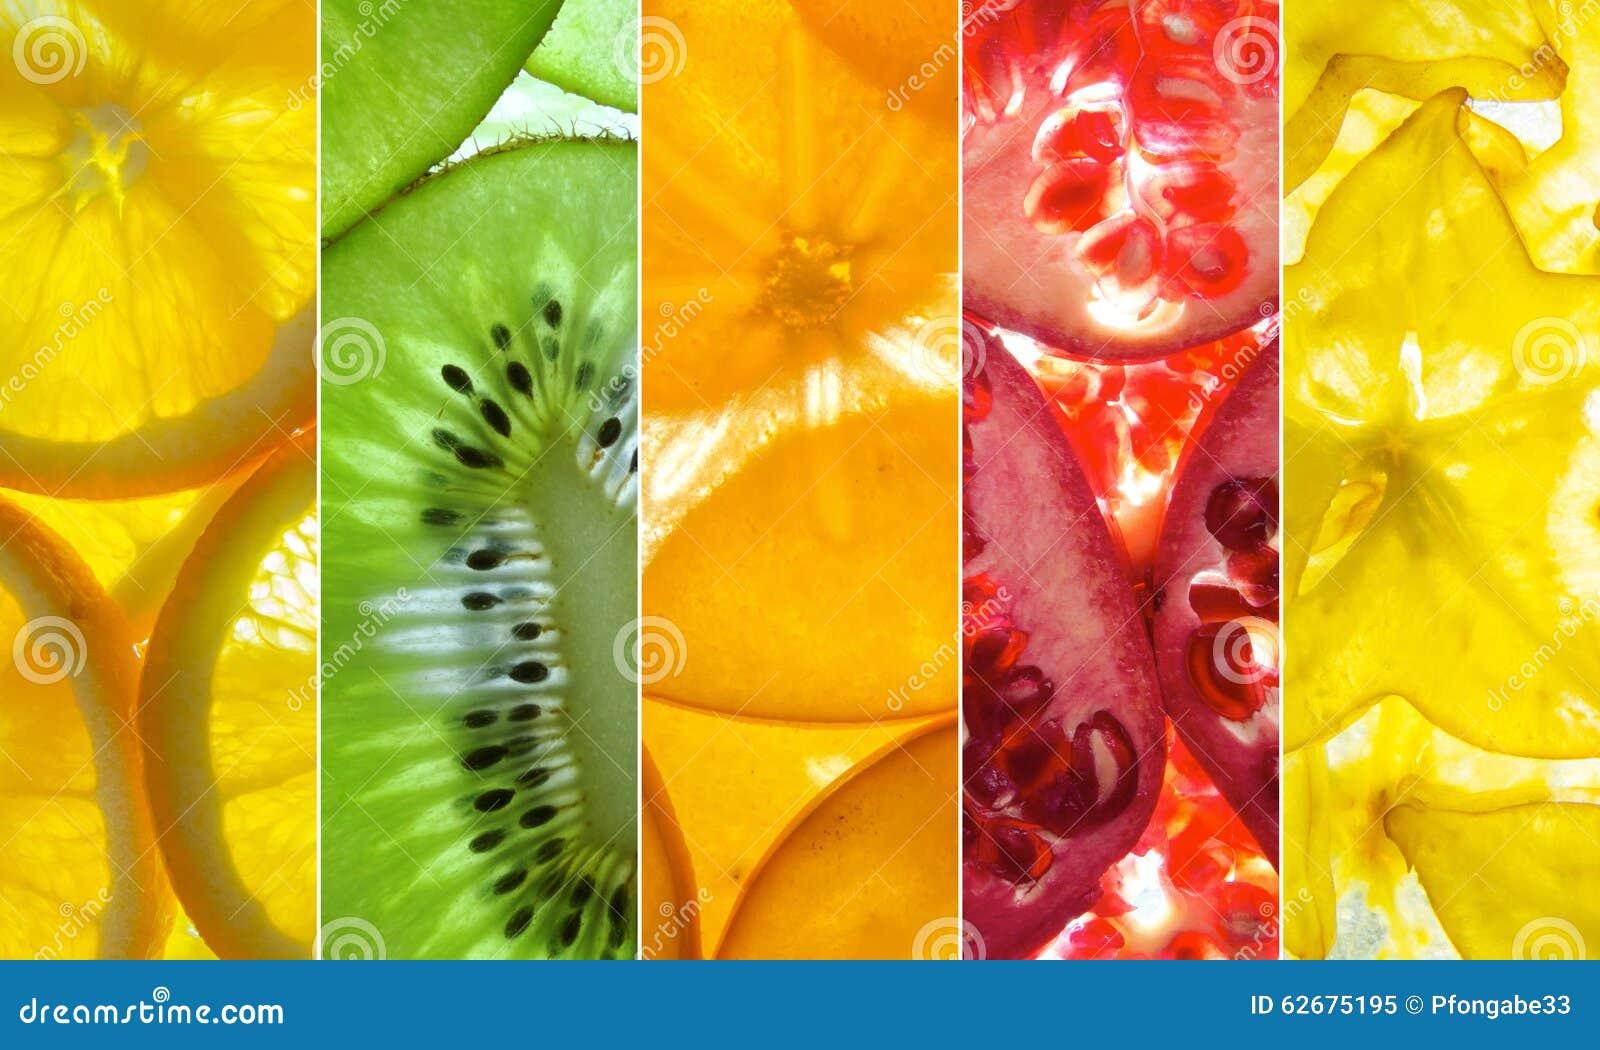 Collage Clasificado Colorido De La Fruta Stock Images - 132 Photos